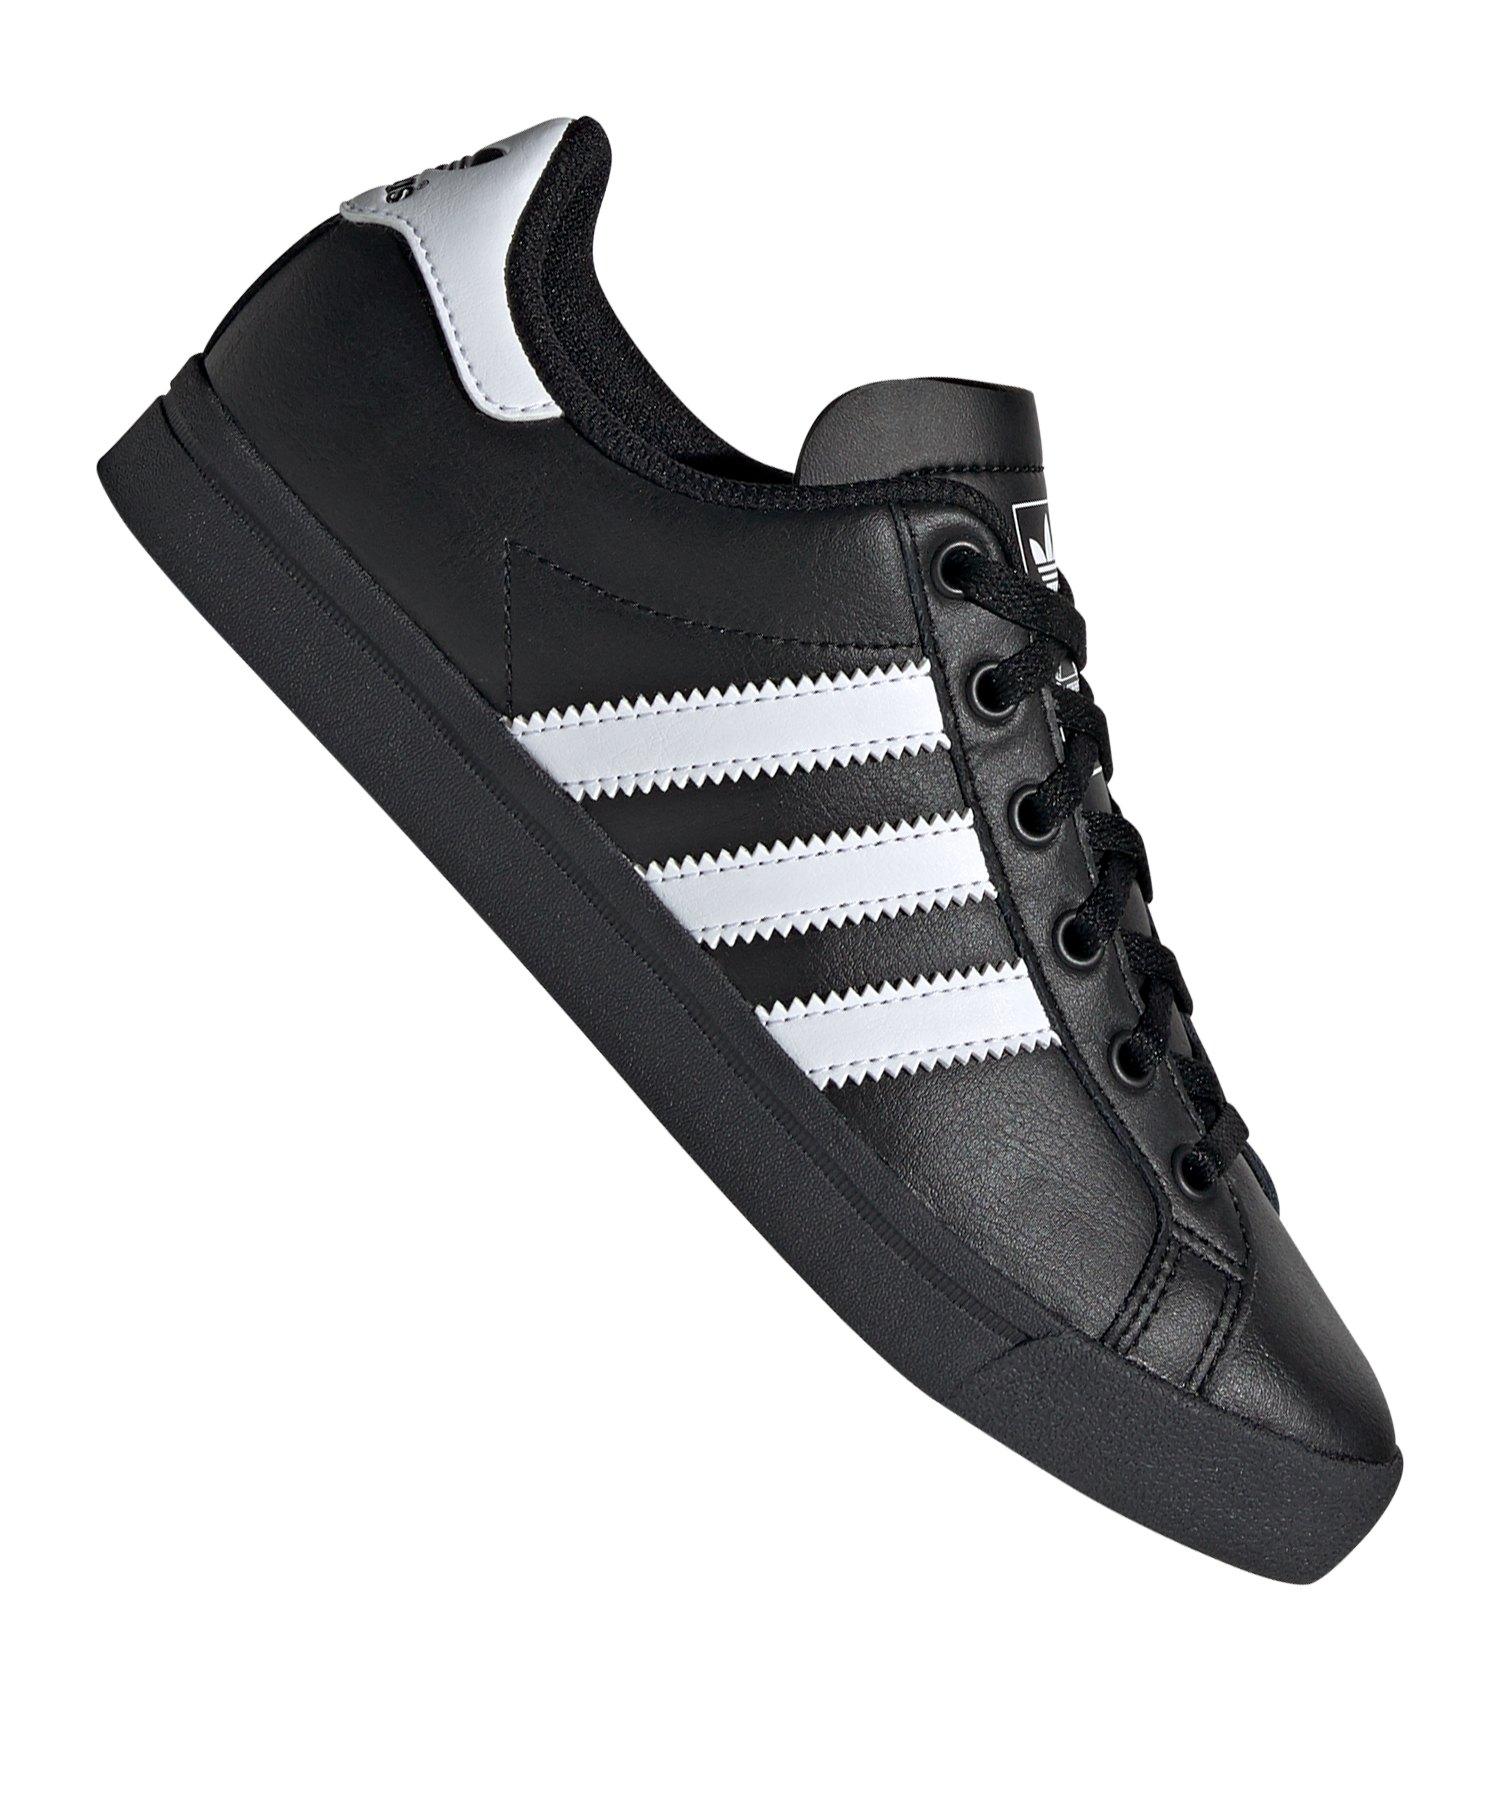 kinder adidas kinder originals schwarz schwarz originals schuhe schuhe adidas adidas originals schuhe kinder vm0yNnO8w